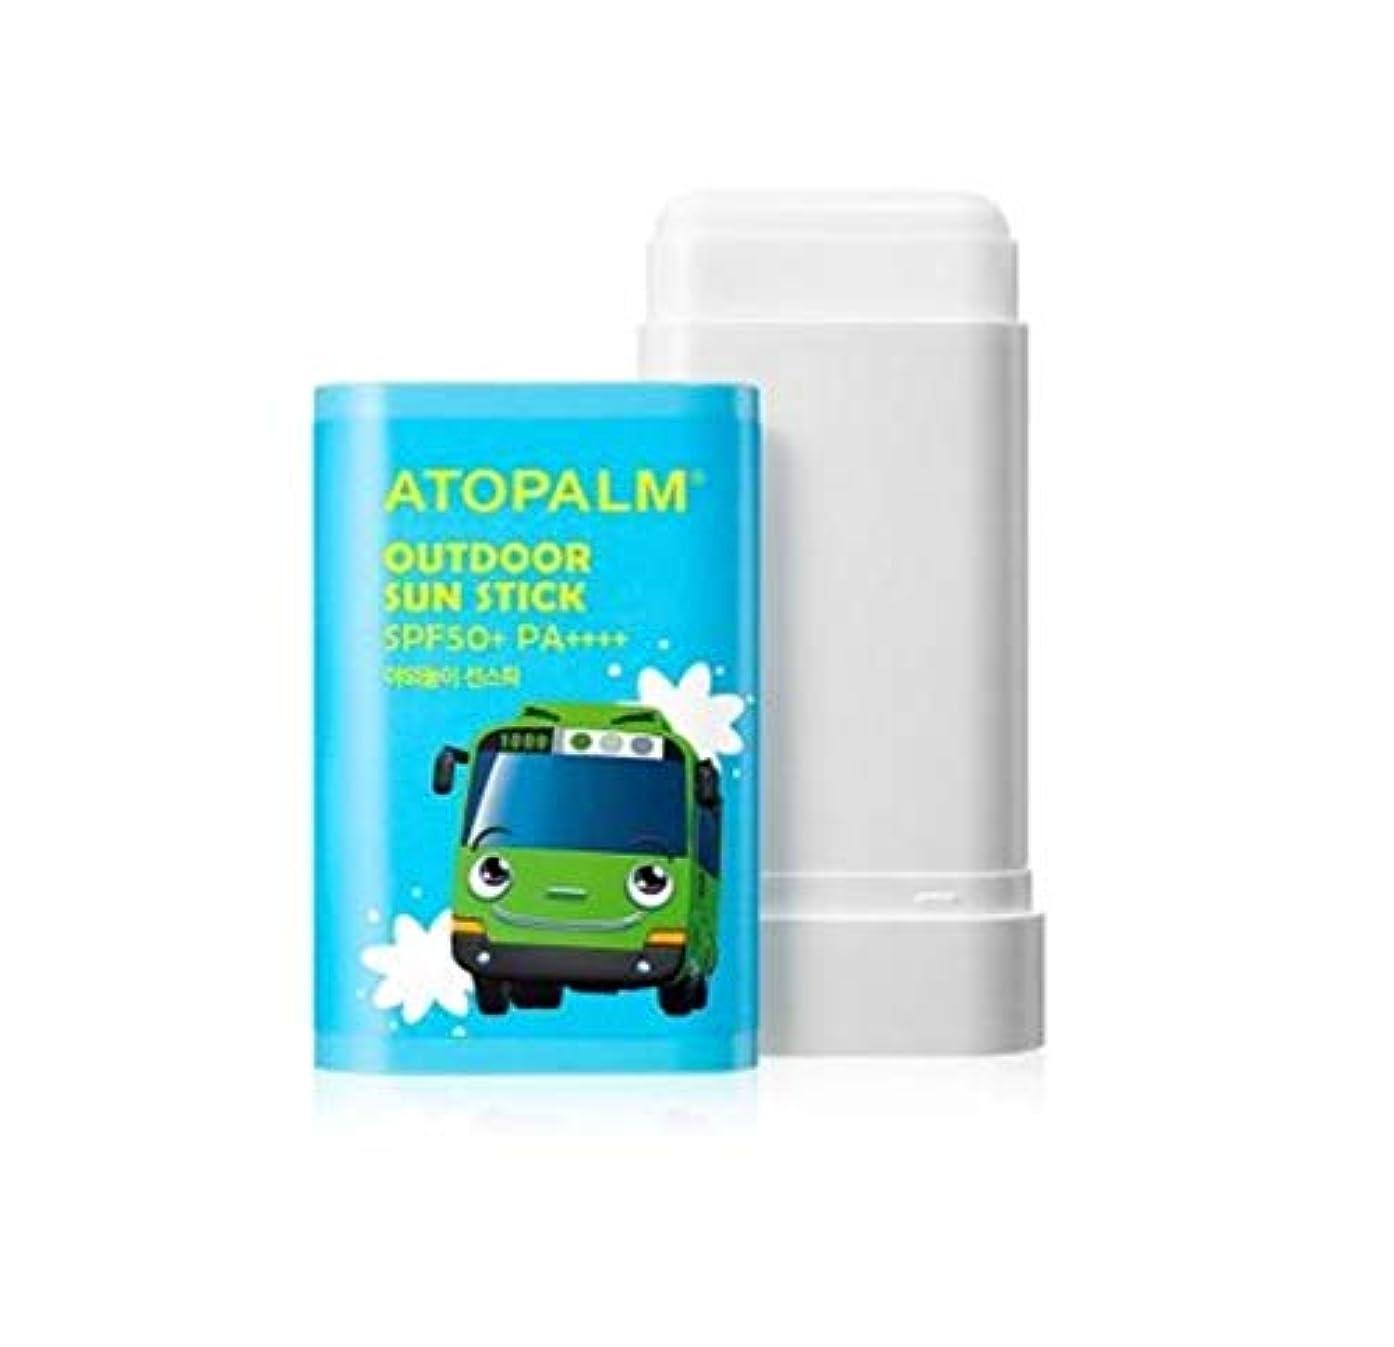 名詞夕食を作る噴火ATOPALM OUTDOOR Sun Stick (EWG all green grade!) SPF50+ PA++++ 日焼け止めパーフェクトUVネック?手?足の甲?部分的に塗って修正スティック [並行輸入品]